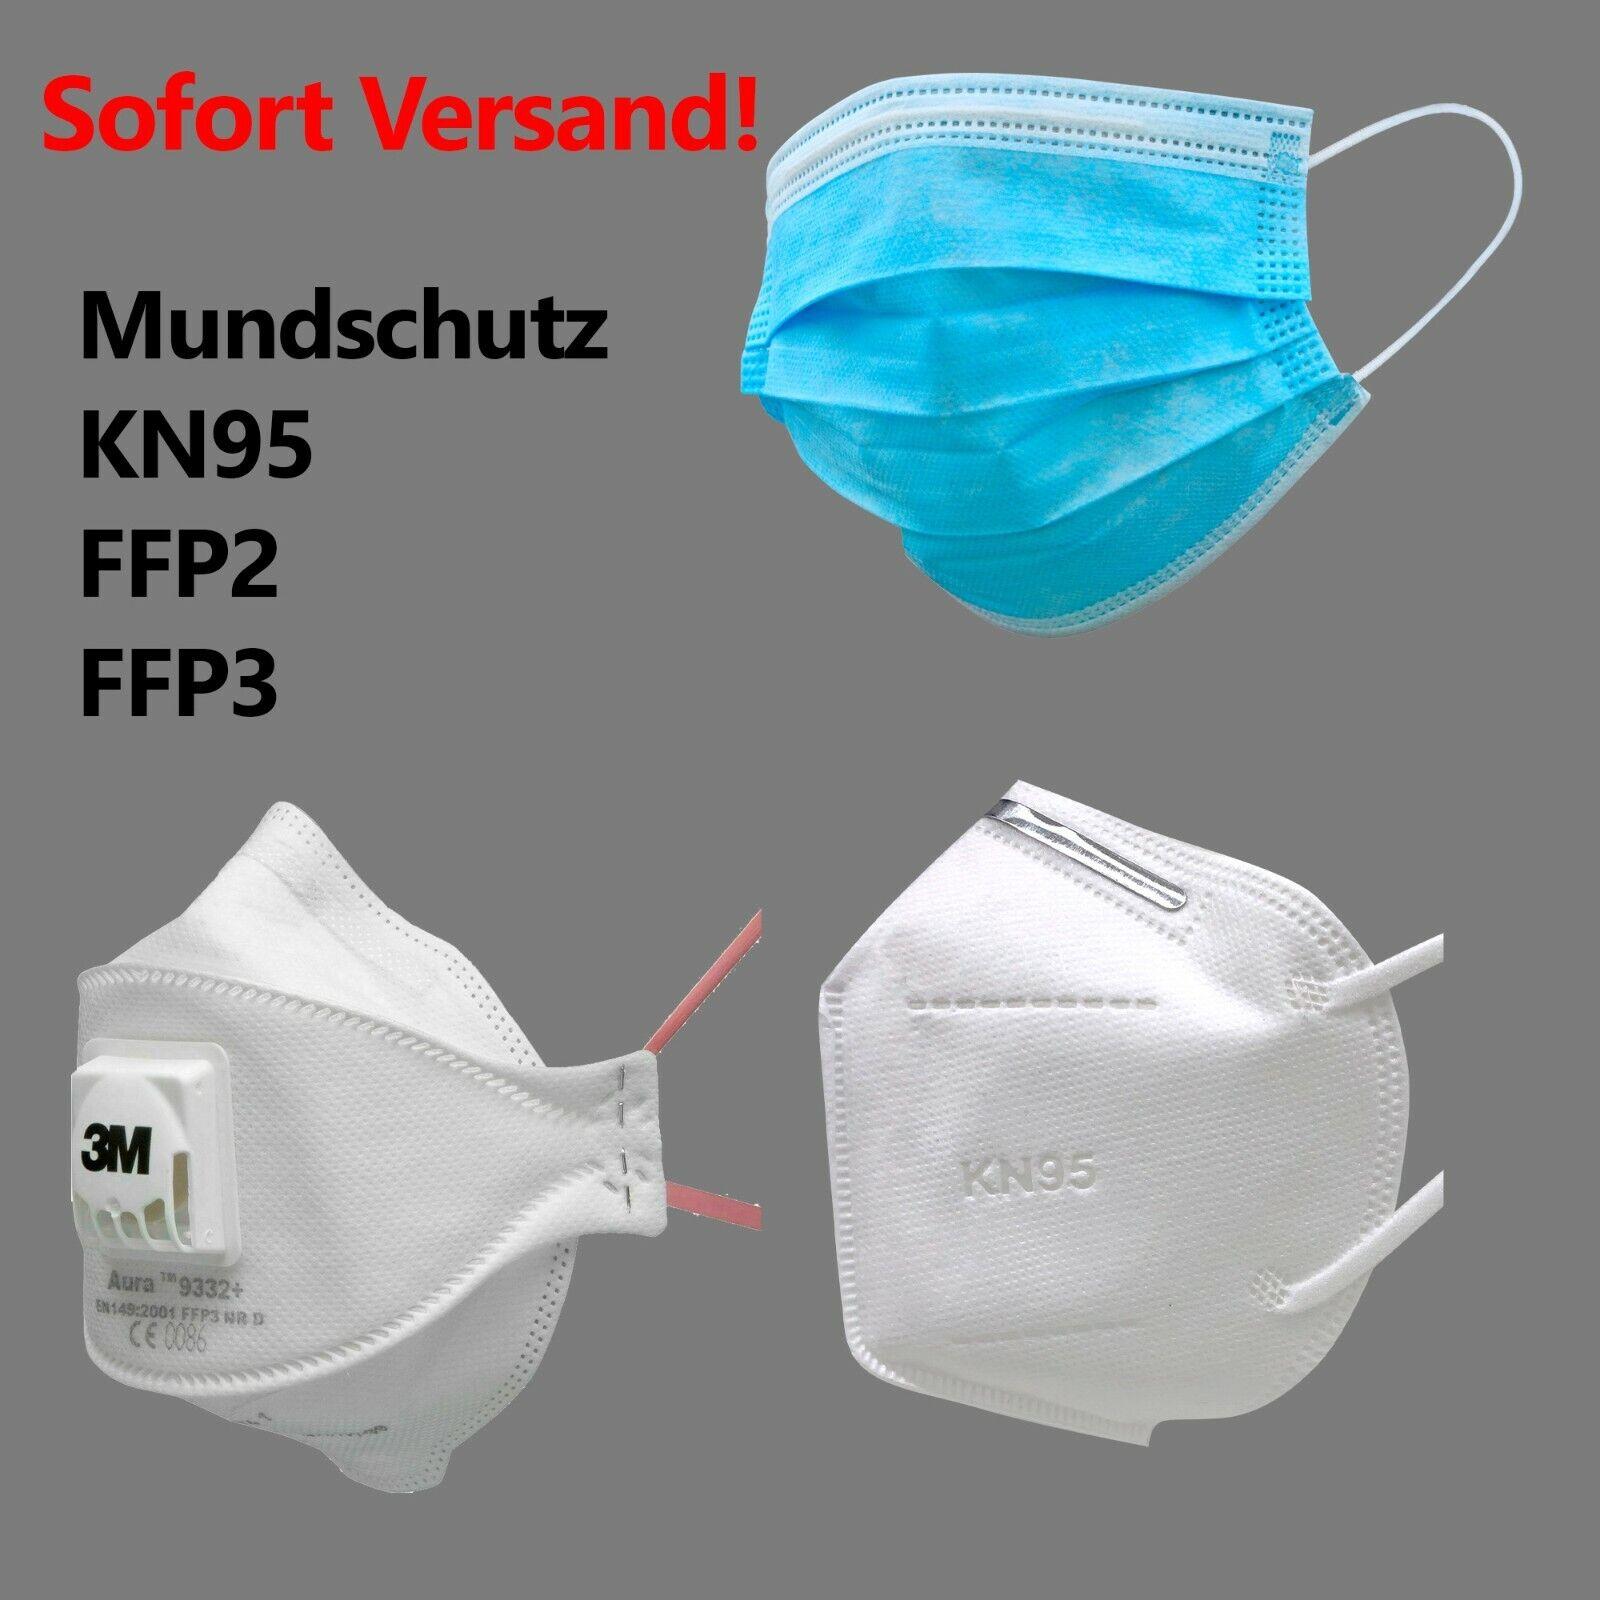 3M™ Aura™ Mundschutz Maske Atemschutzmaske FFP2 FFP3 KN95 Schutzmaske